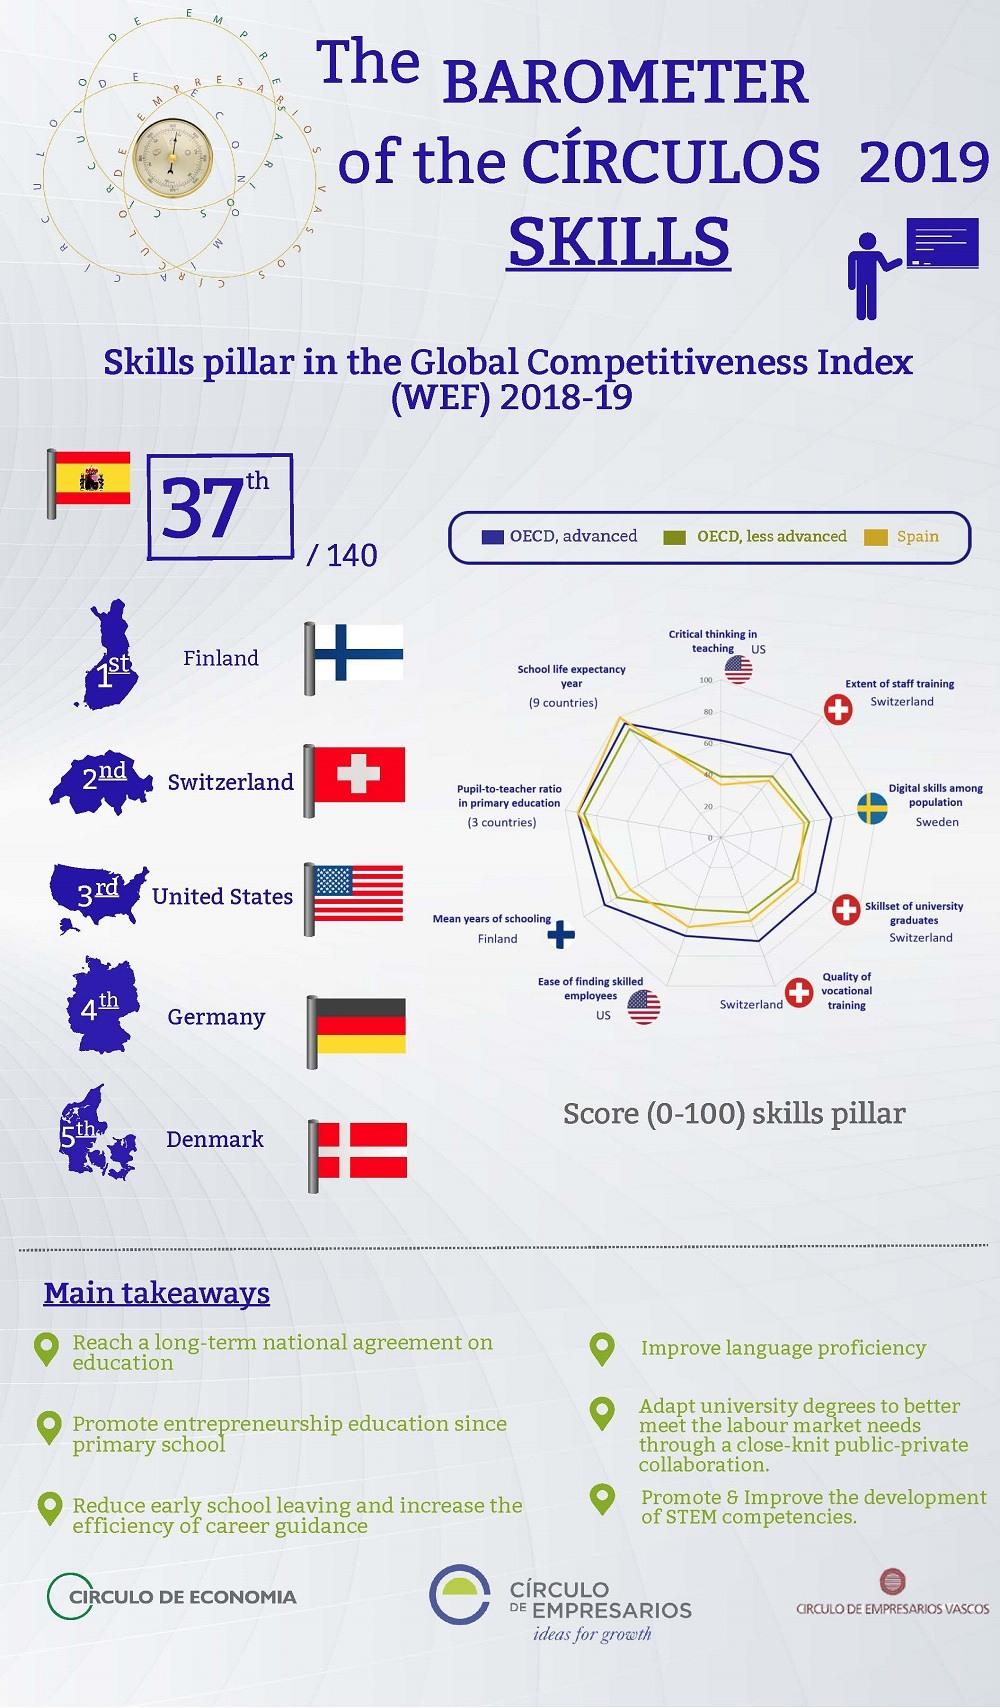 Skills Infographic Barometer of the Círculos 2019 Círculo de Empresarios